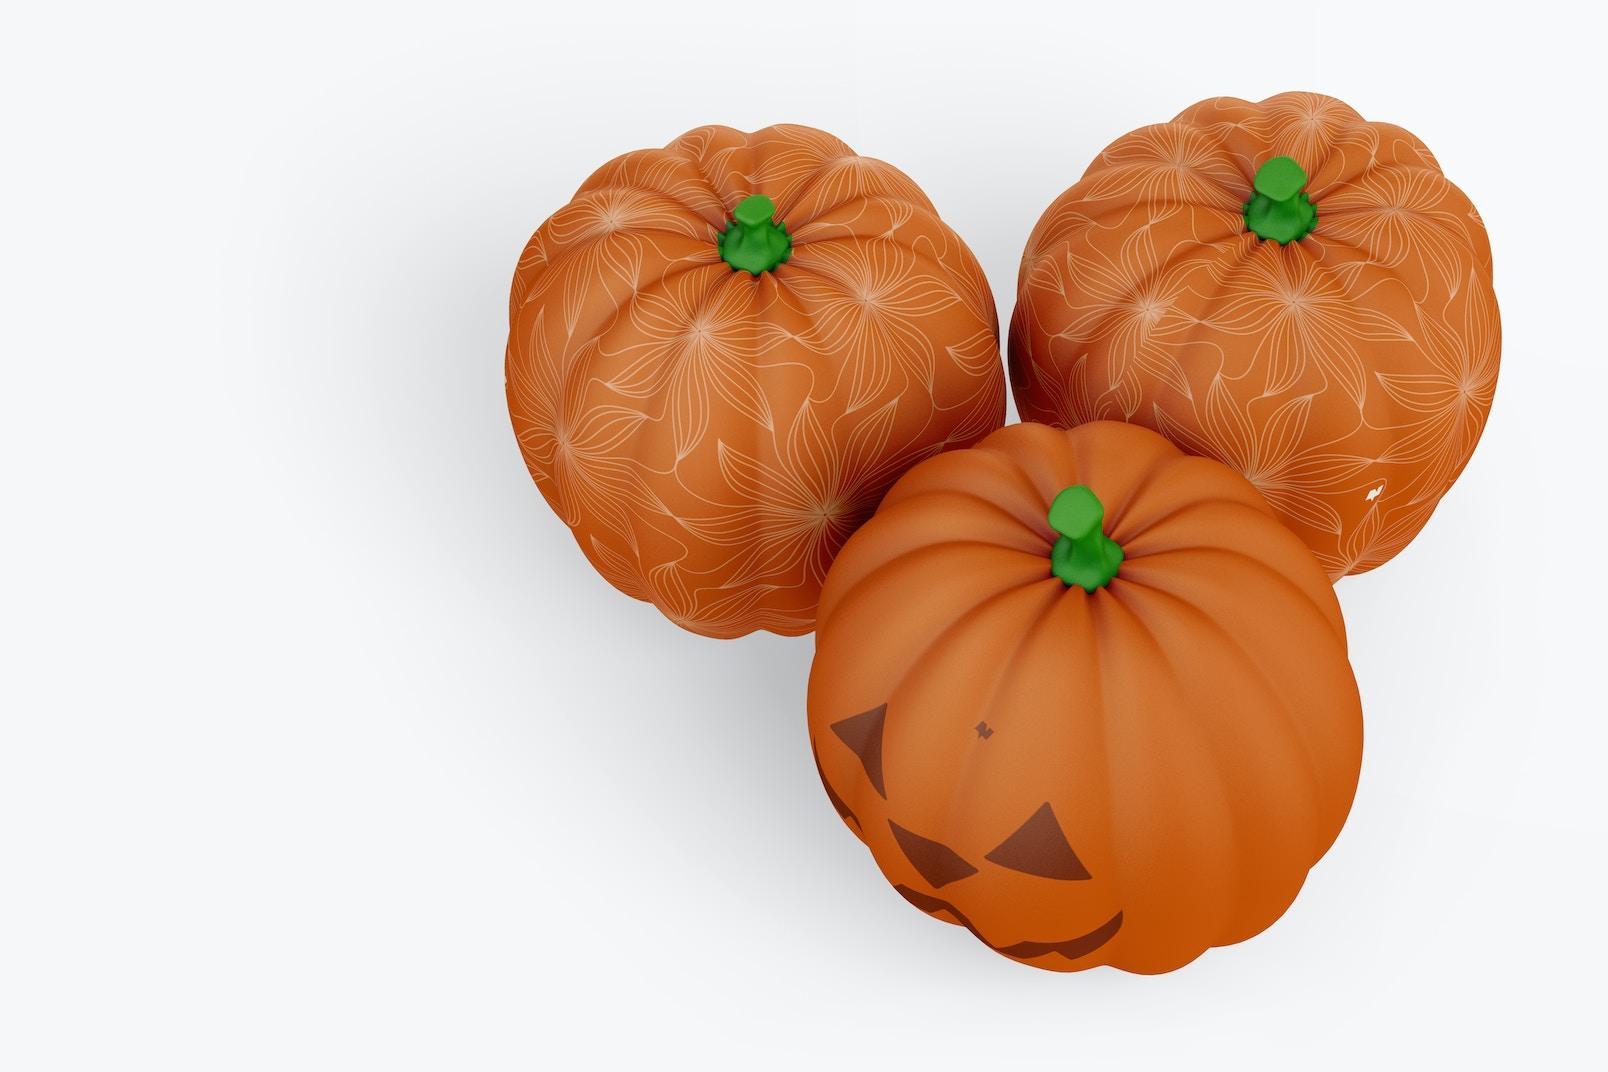 Decorative Pumpkins Mockup, Top View